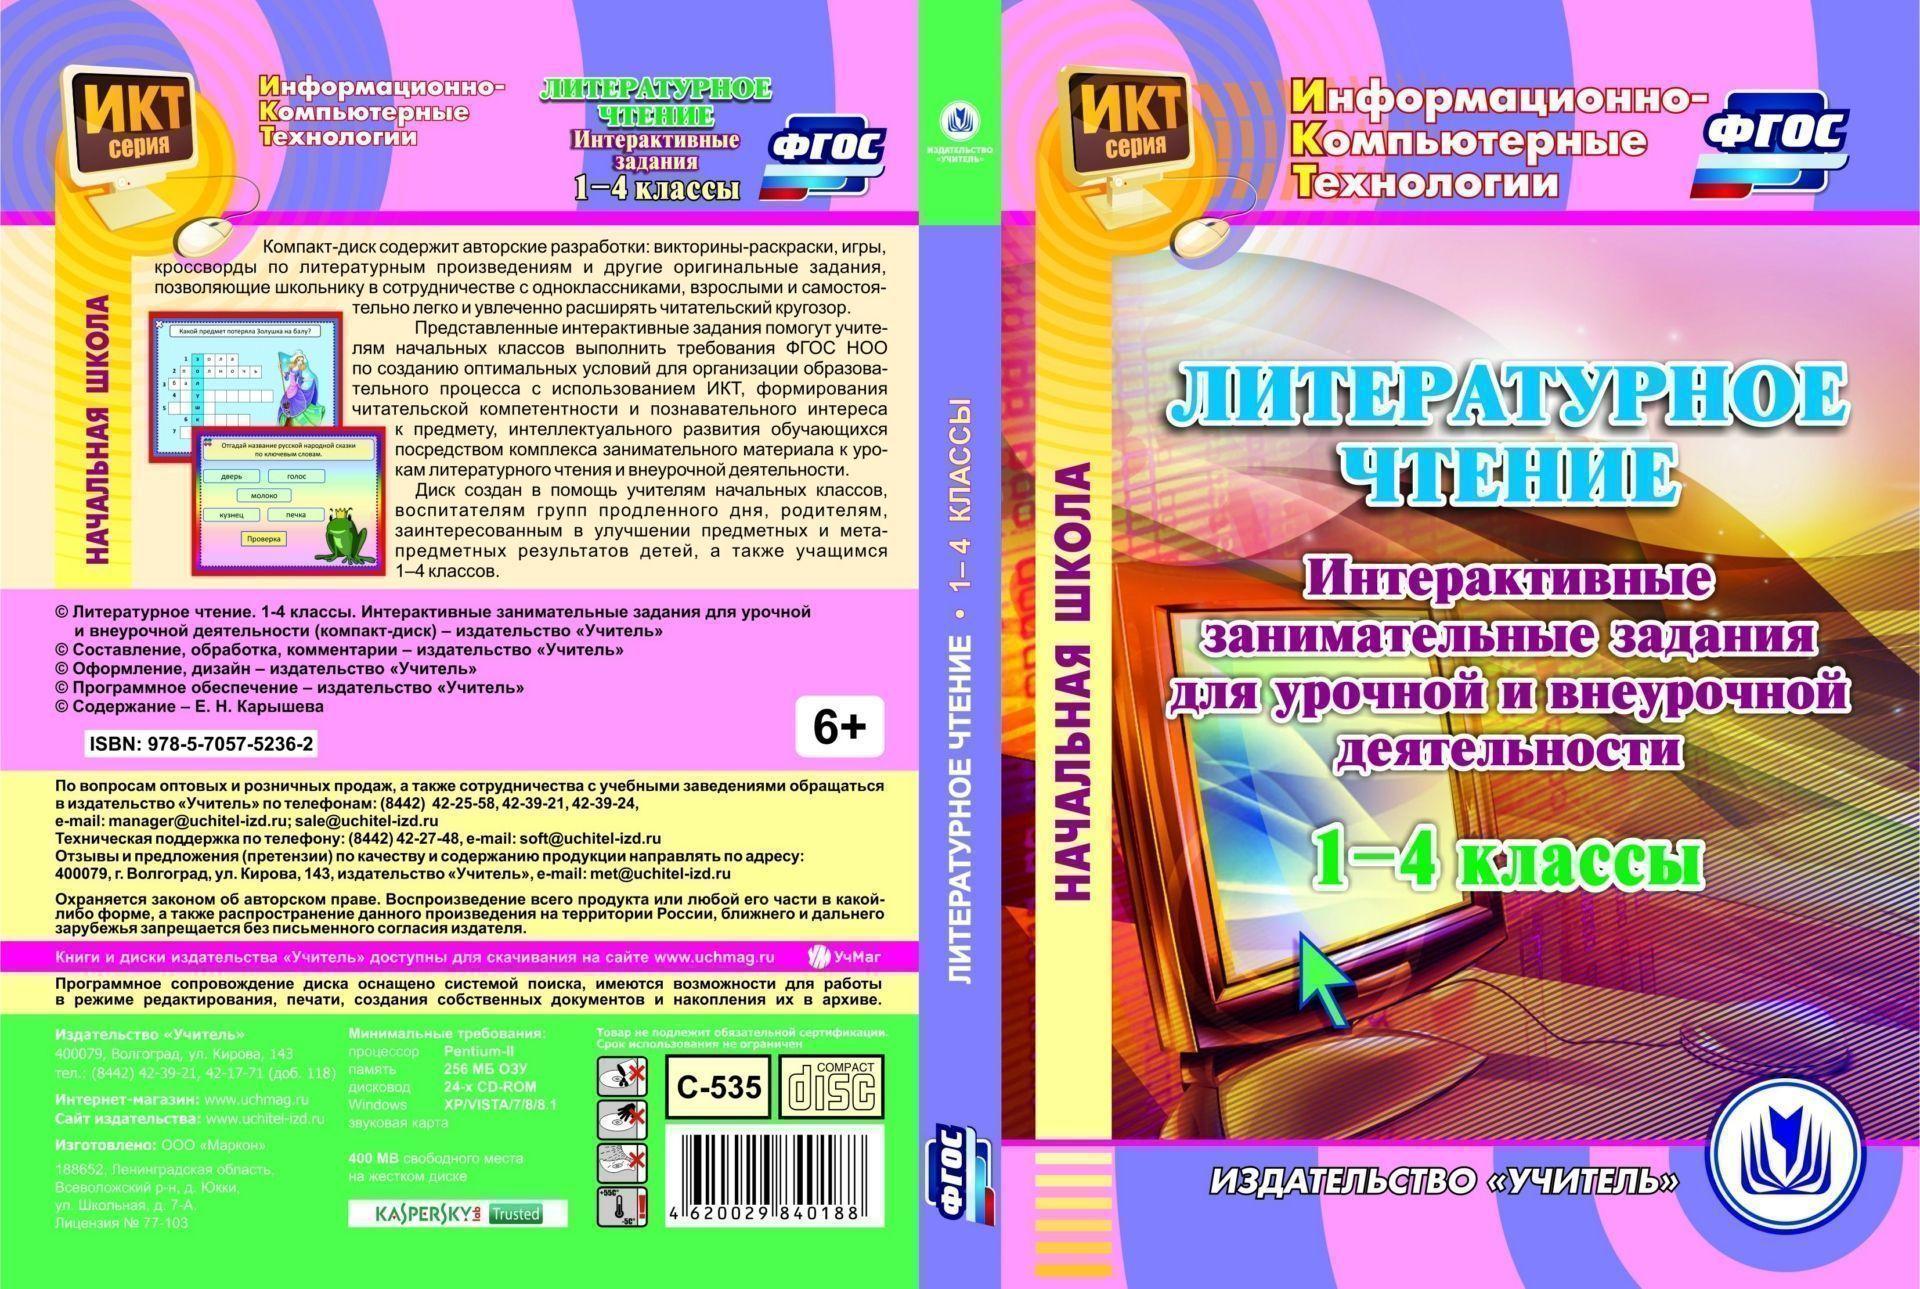 Литературное чтение. 1-4 классы. Интерактивные занимательные задания для урочной и внеурочной деятельности: Компакт-диск для компьютера